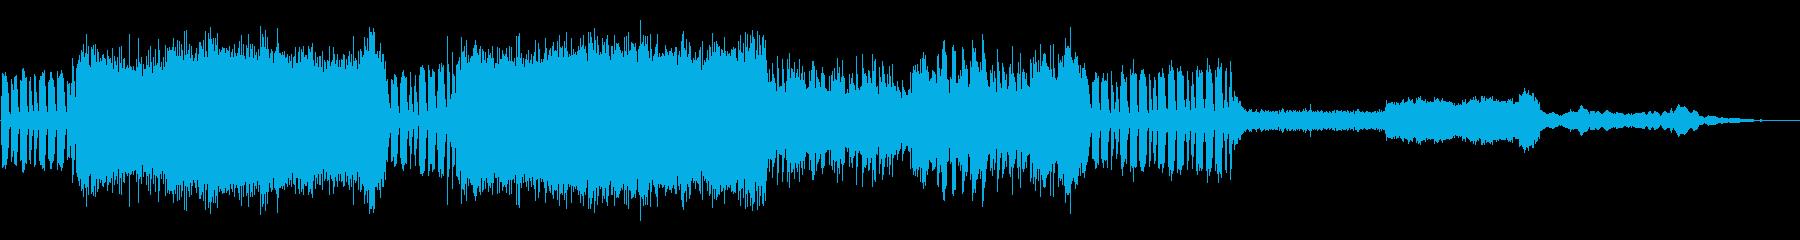 戦闘系!シンフォニックメタル!の再生済みの波形